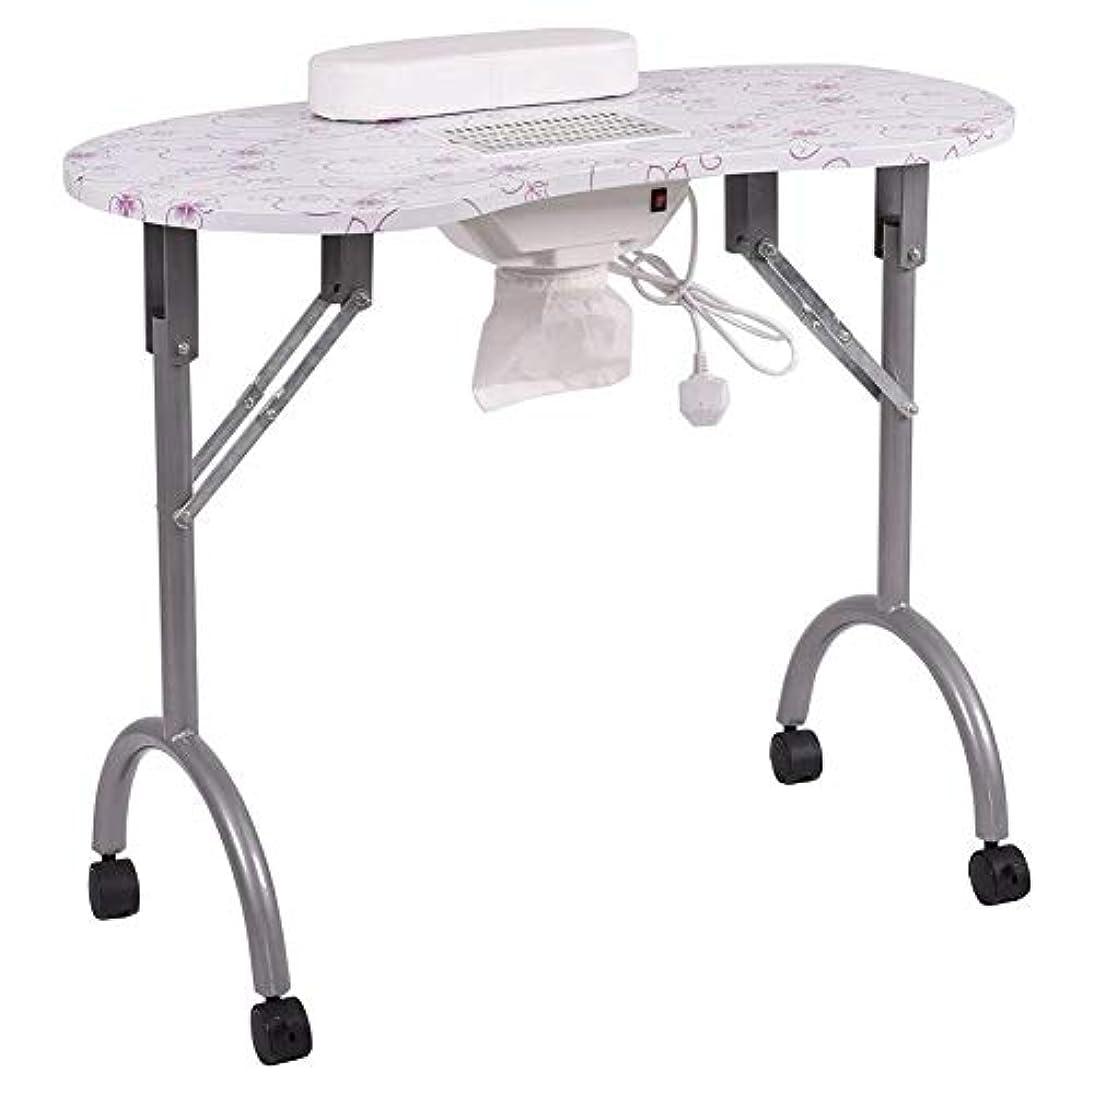 アパル努力バスケットボールネイルテーブル折りたたみ式ポータブルマニキュアテーブルベントマニキュアワークステーションネイルデスクサロンスパネイル掃除機andbag